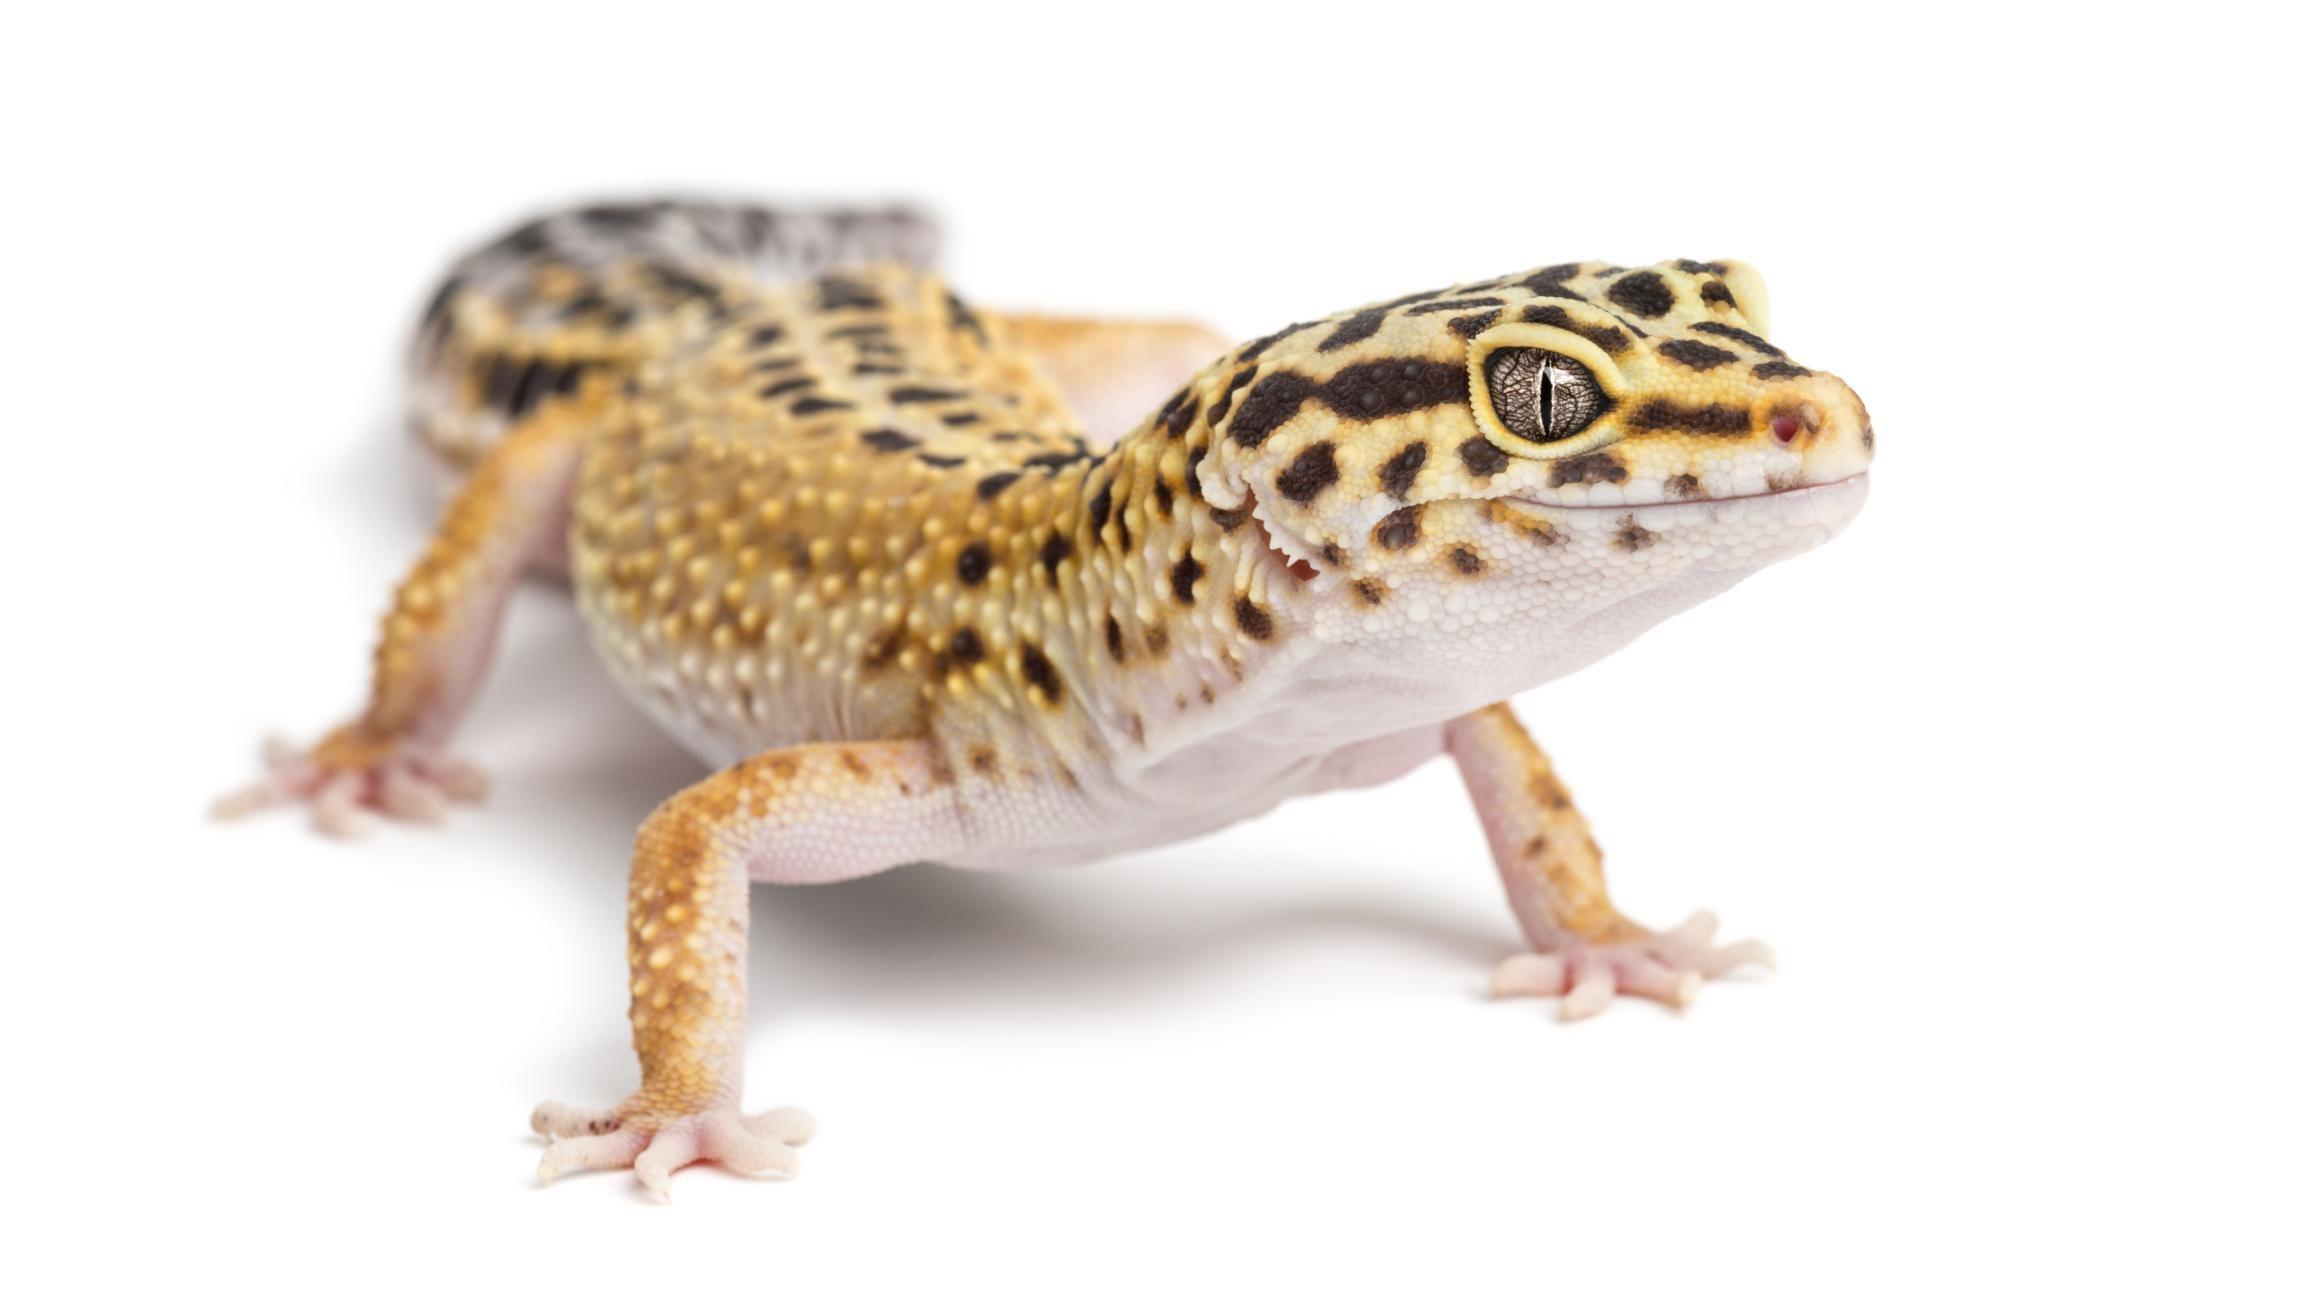 care of pet common house geckos pet geckos